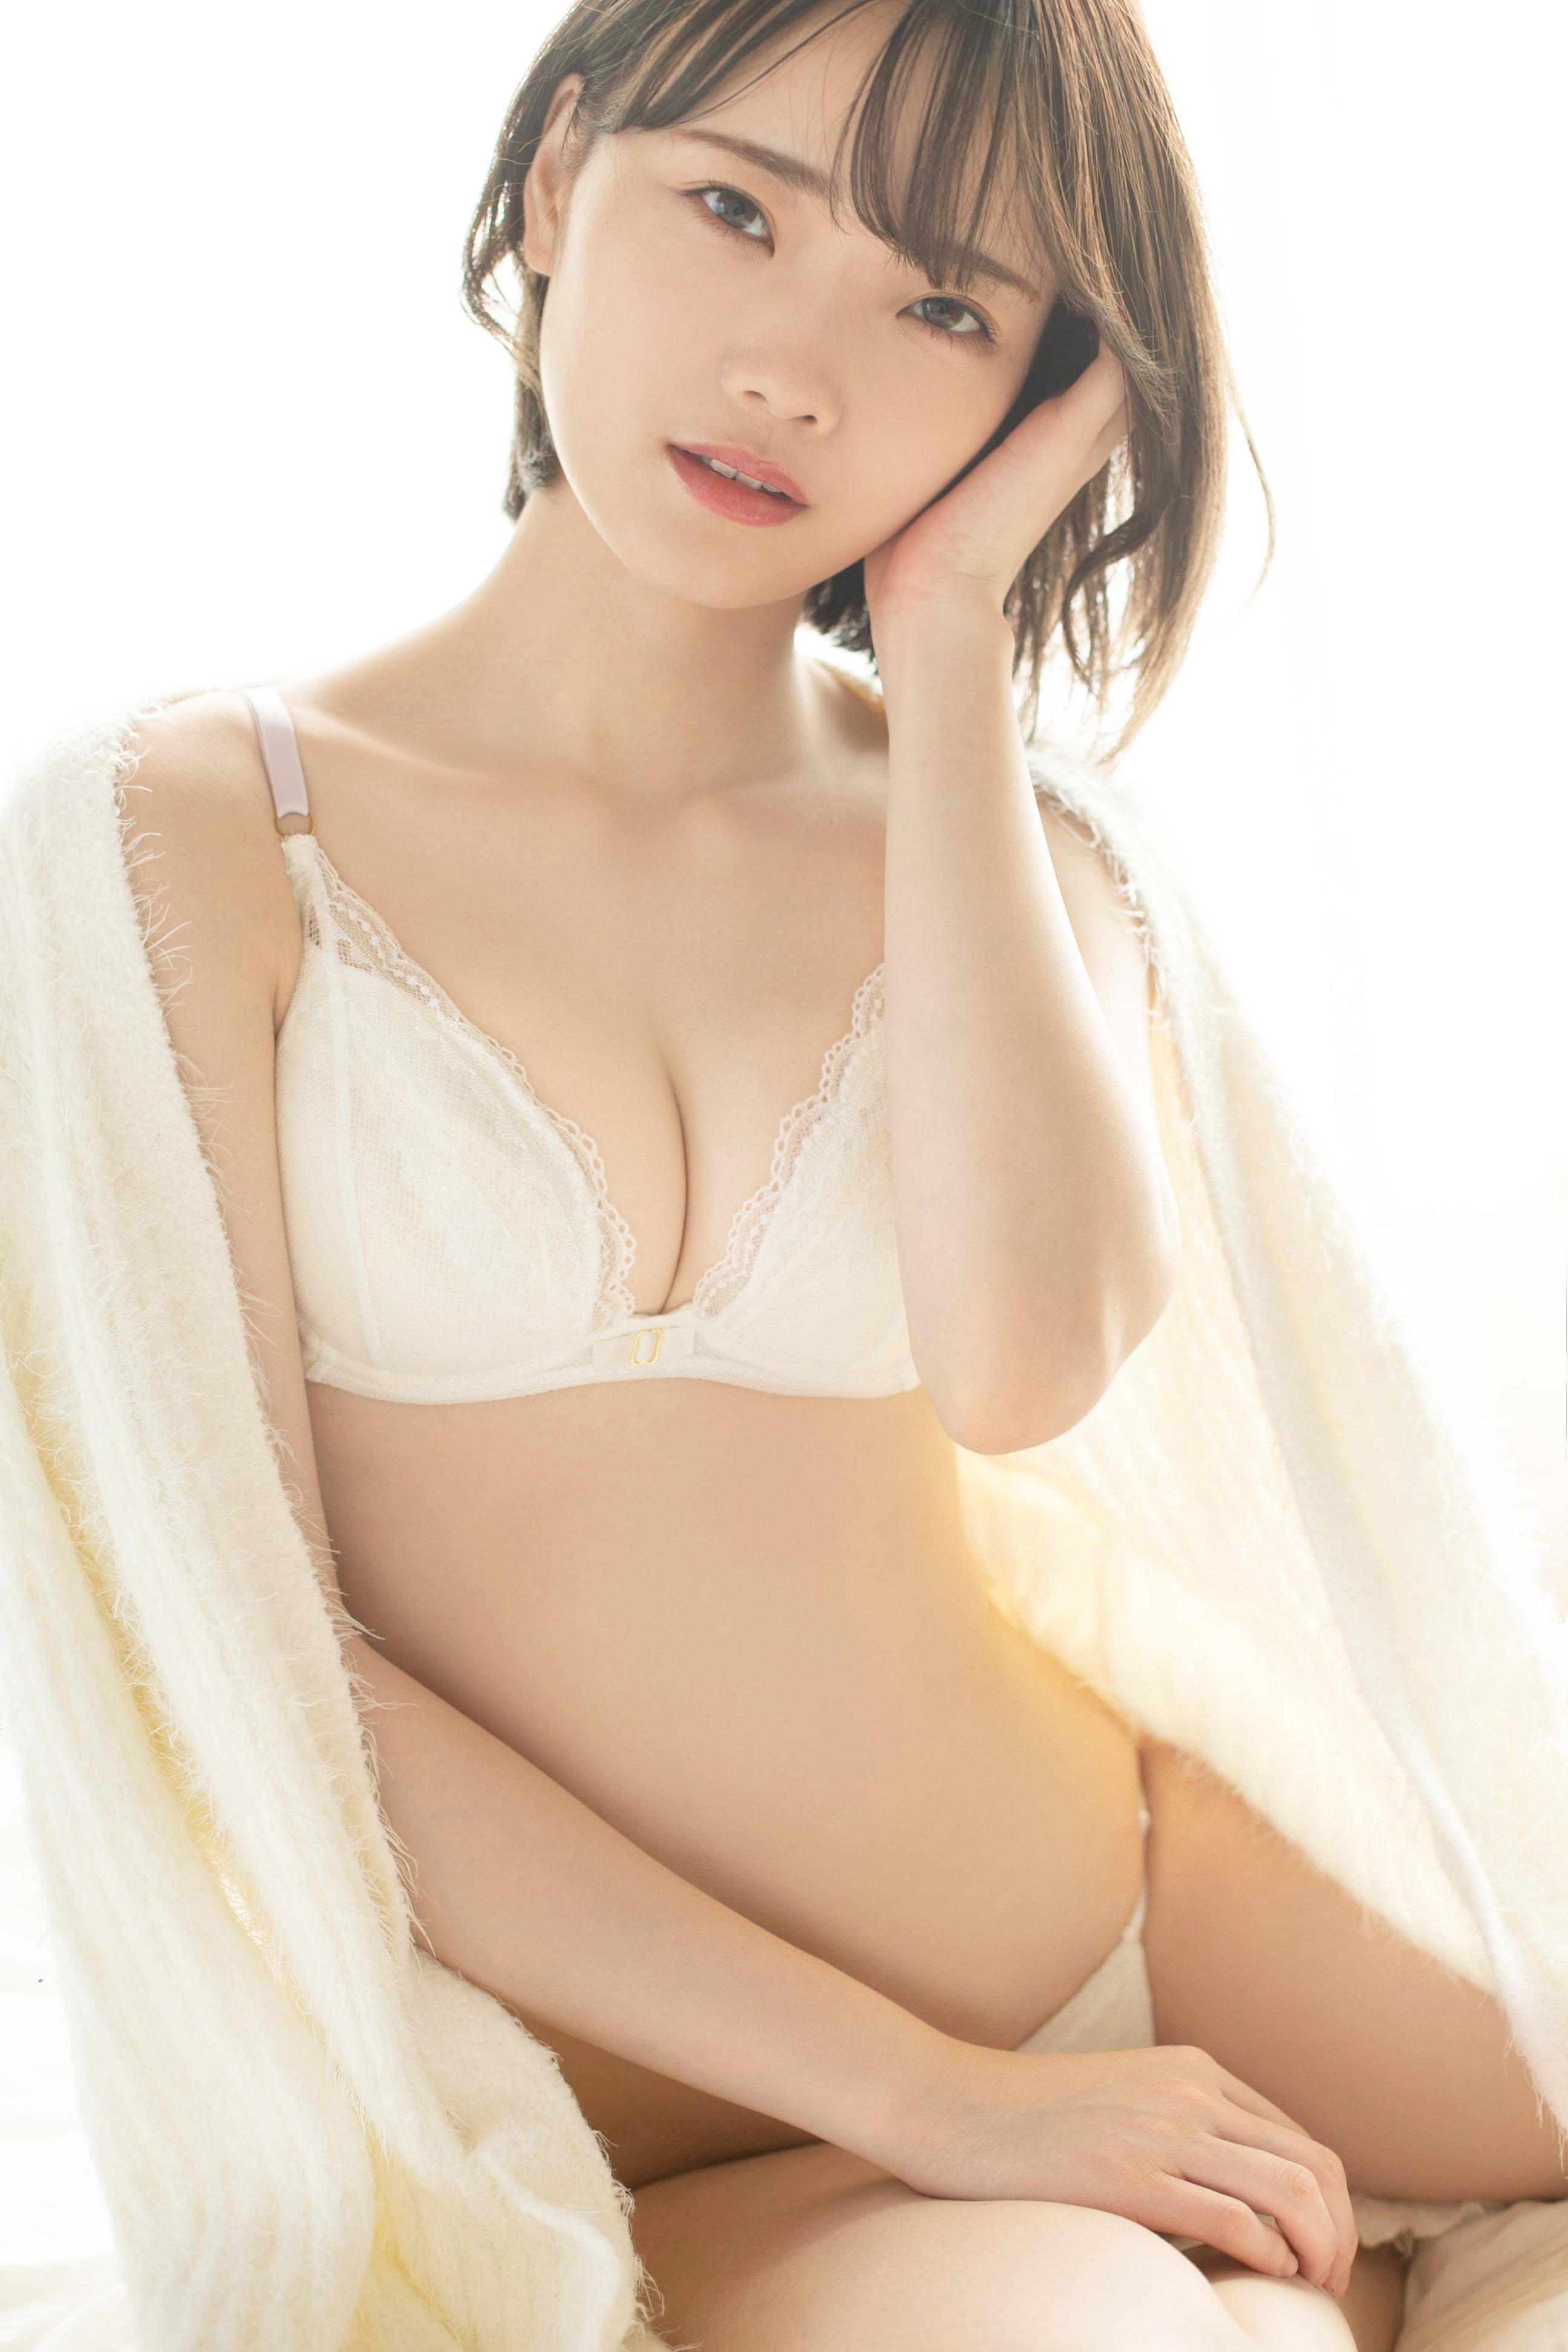 新谷姫加「透き通る白肌」新人グラドルのスレンダーボディ【画像5枚】の画像004